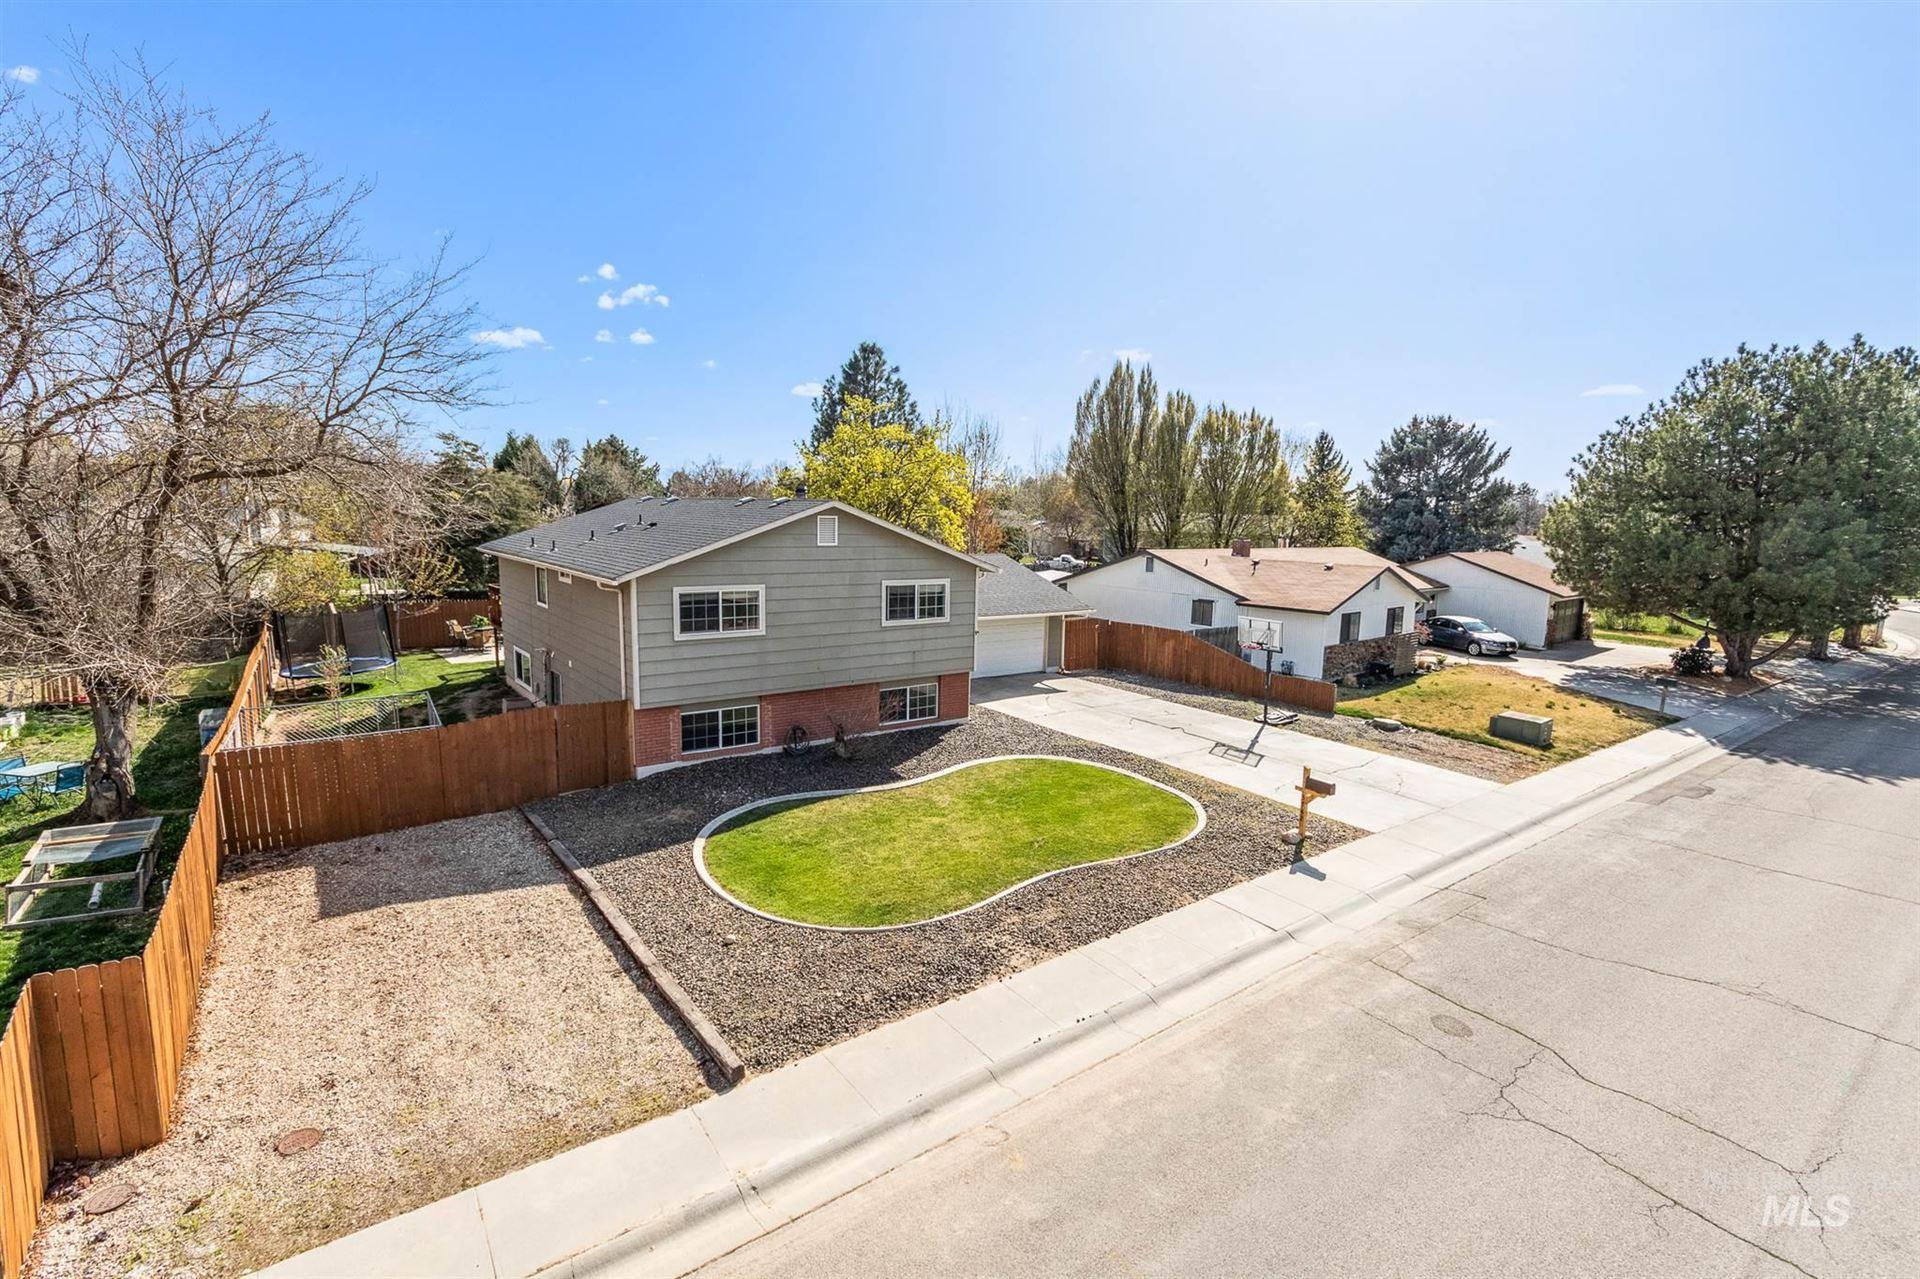 Photo of 3742 N Covered Wagon Way, Boise, ID 83713 (MLS # 98799791)